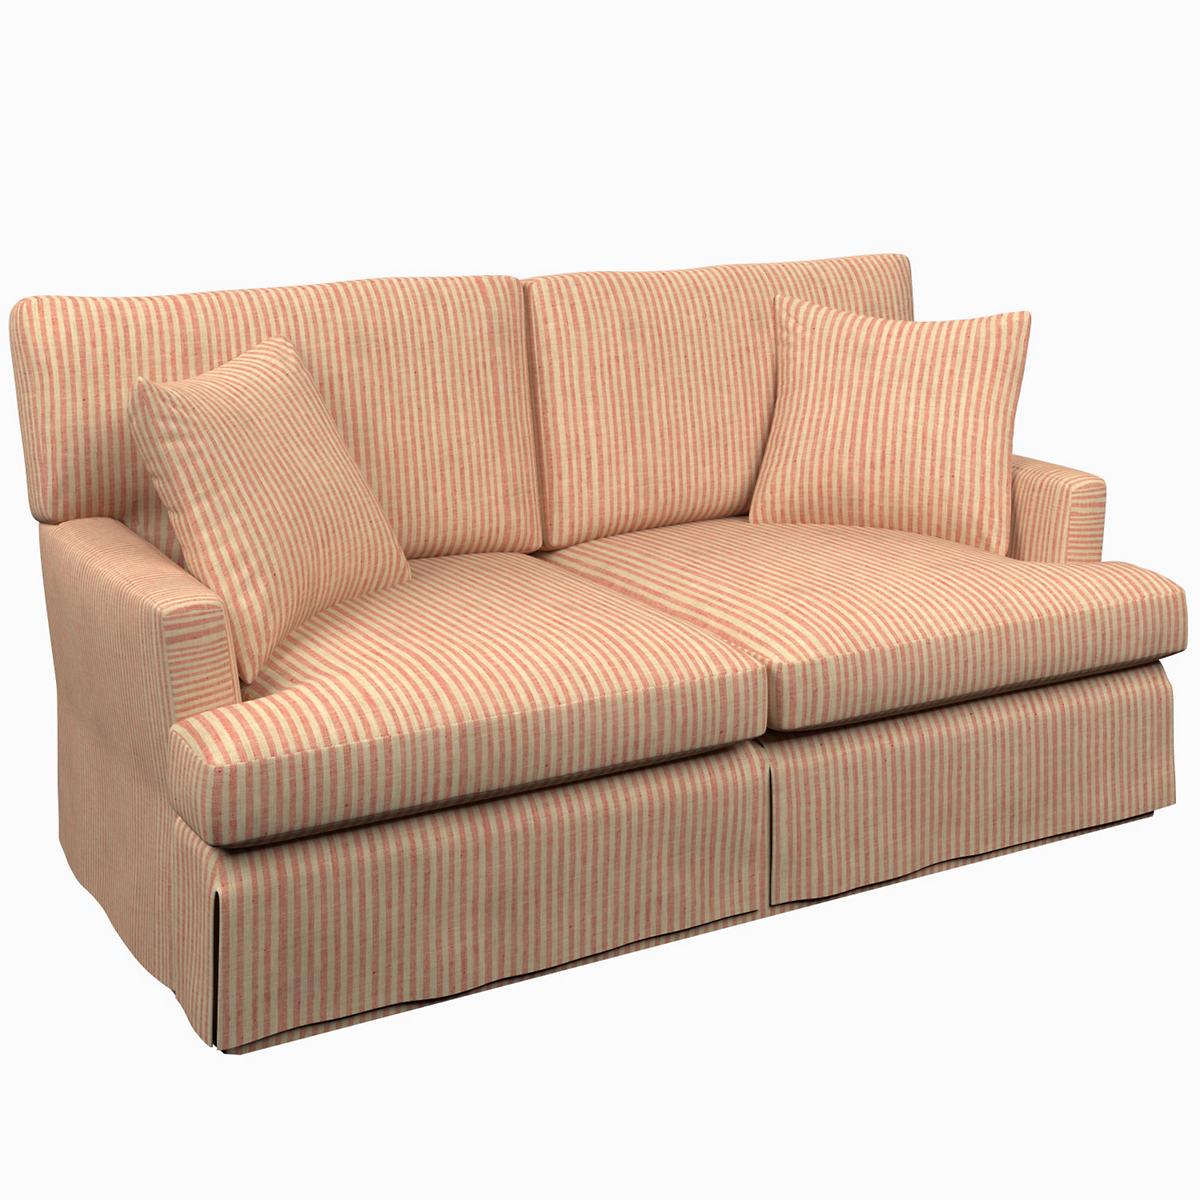 Adams Ticking Brick Saybrook 2 Seater Upholstered Sofa